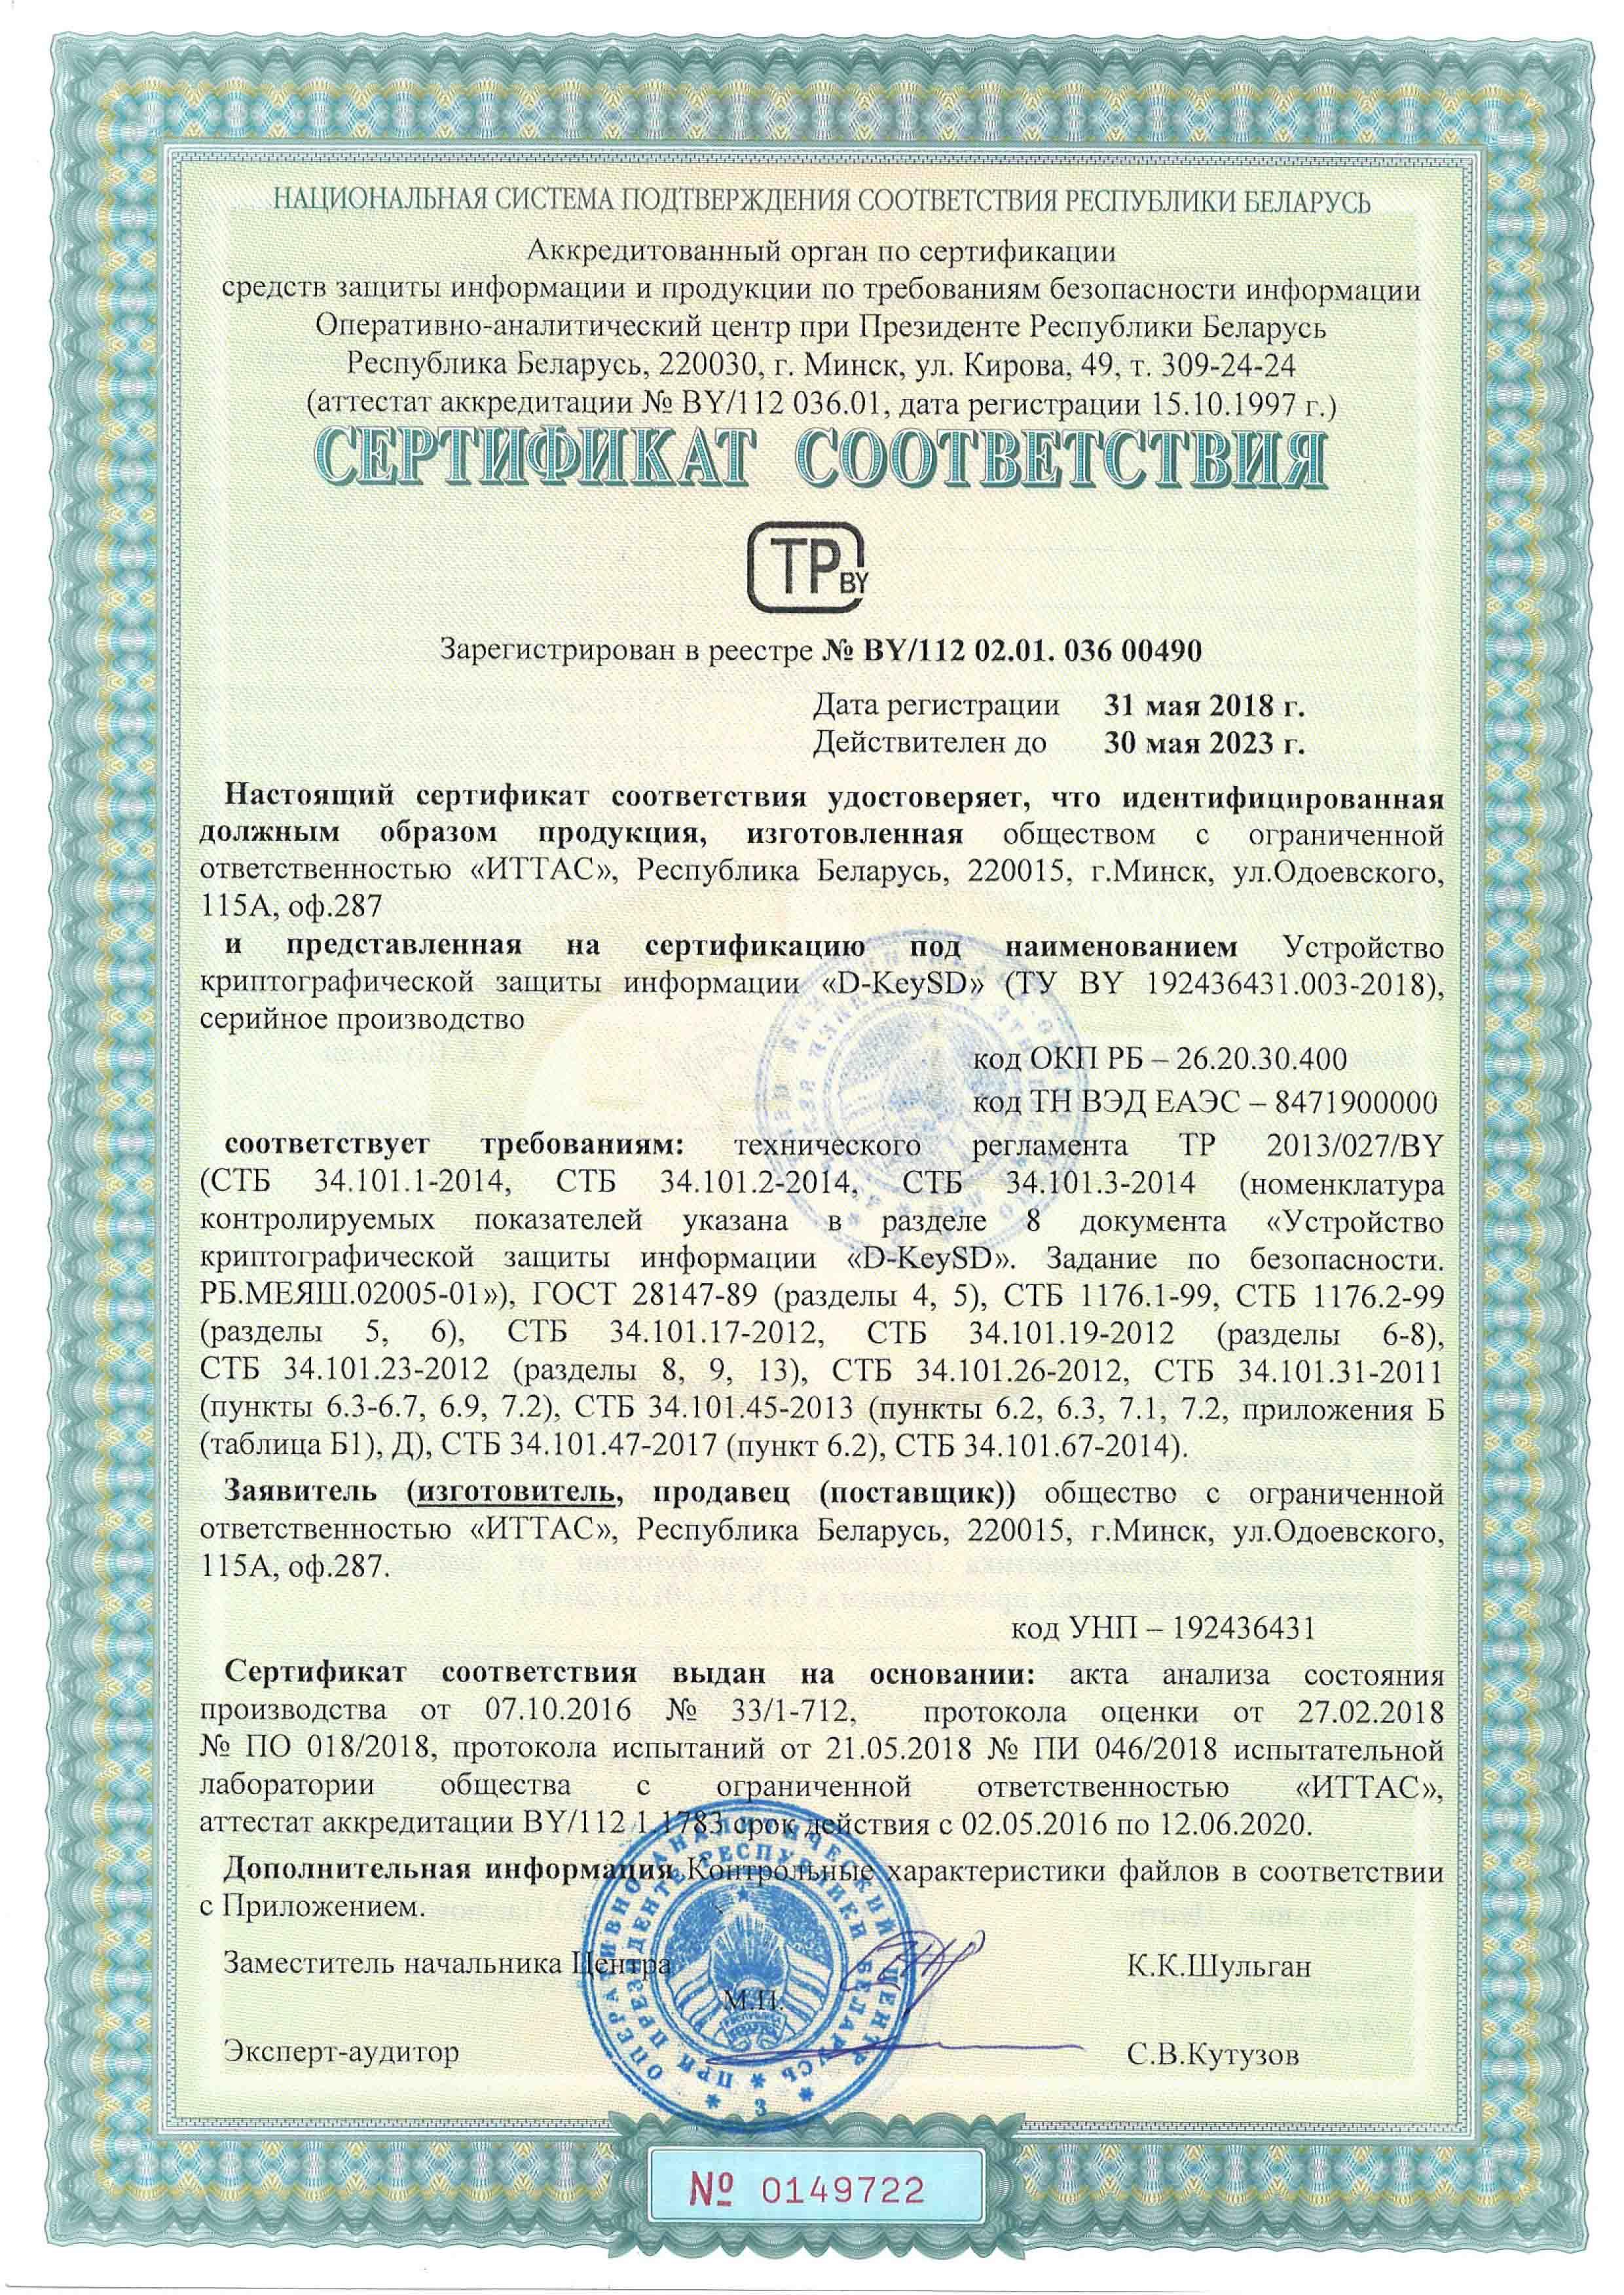 Сертификат соответствия D-KeySD